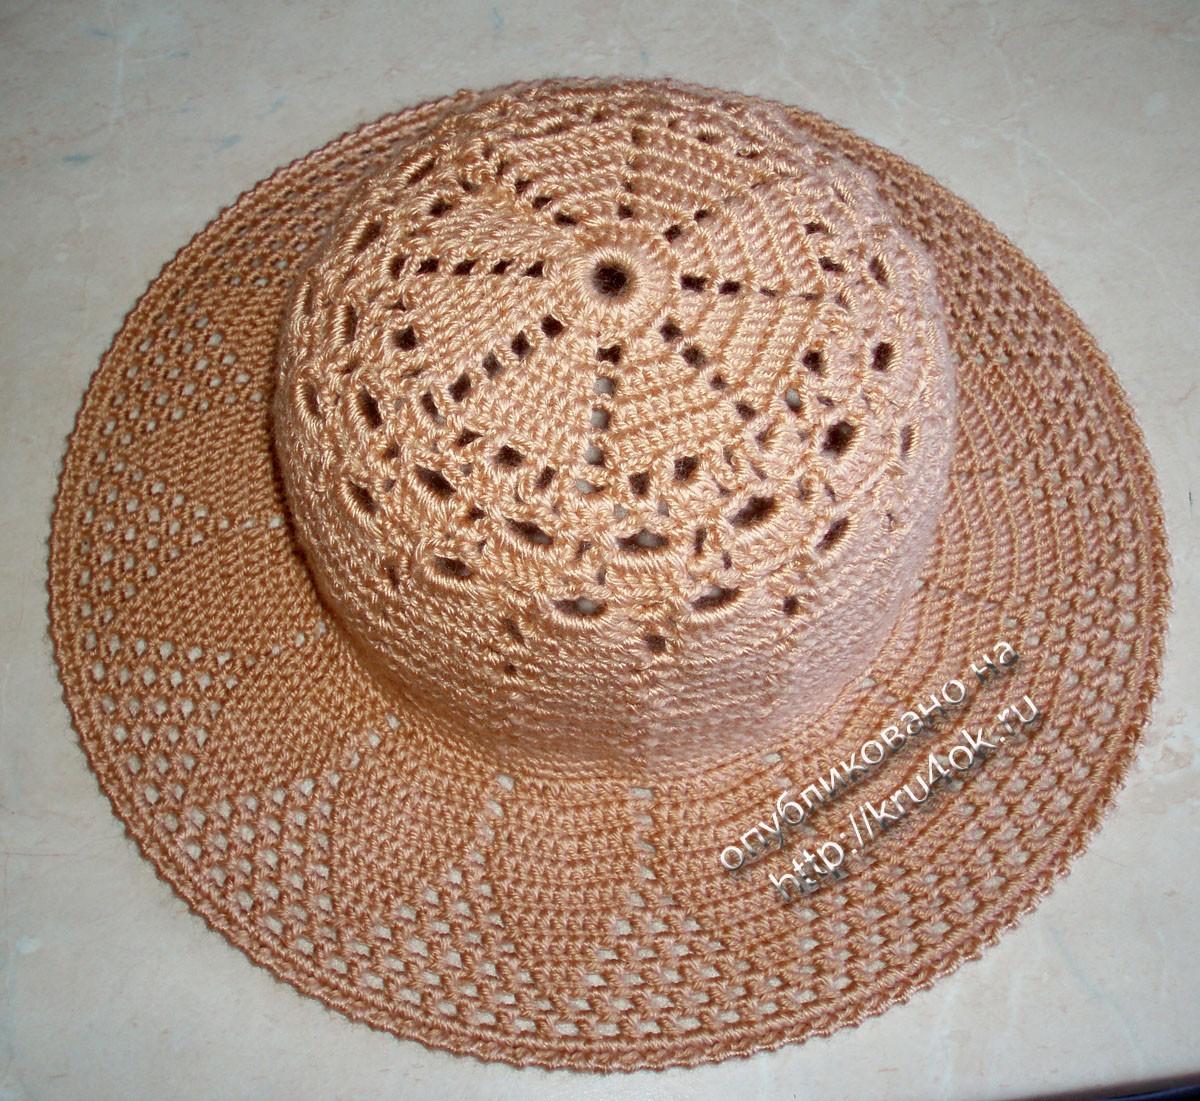 Это моя первая шляпка, связанная крючком 2, нитки акрил 230м -100гр.  Вяжется на одном дыхании.